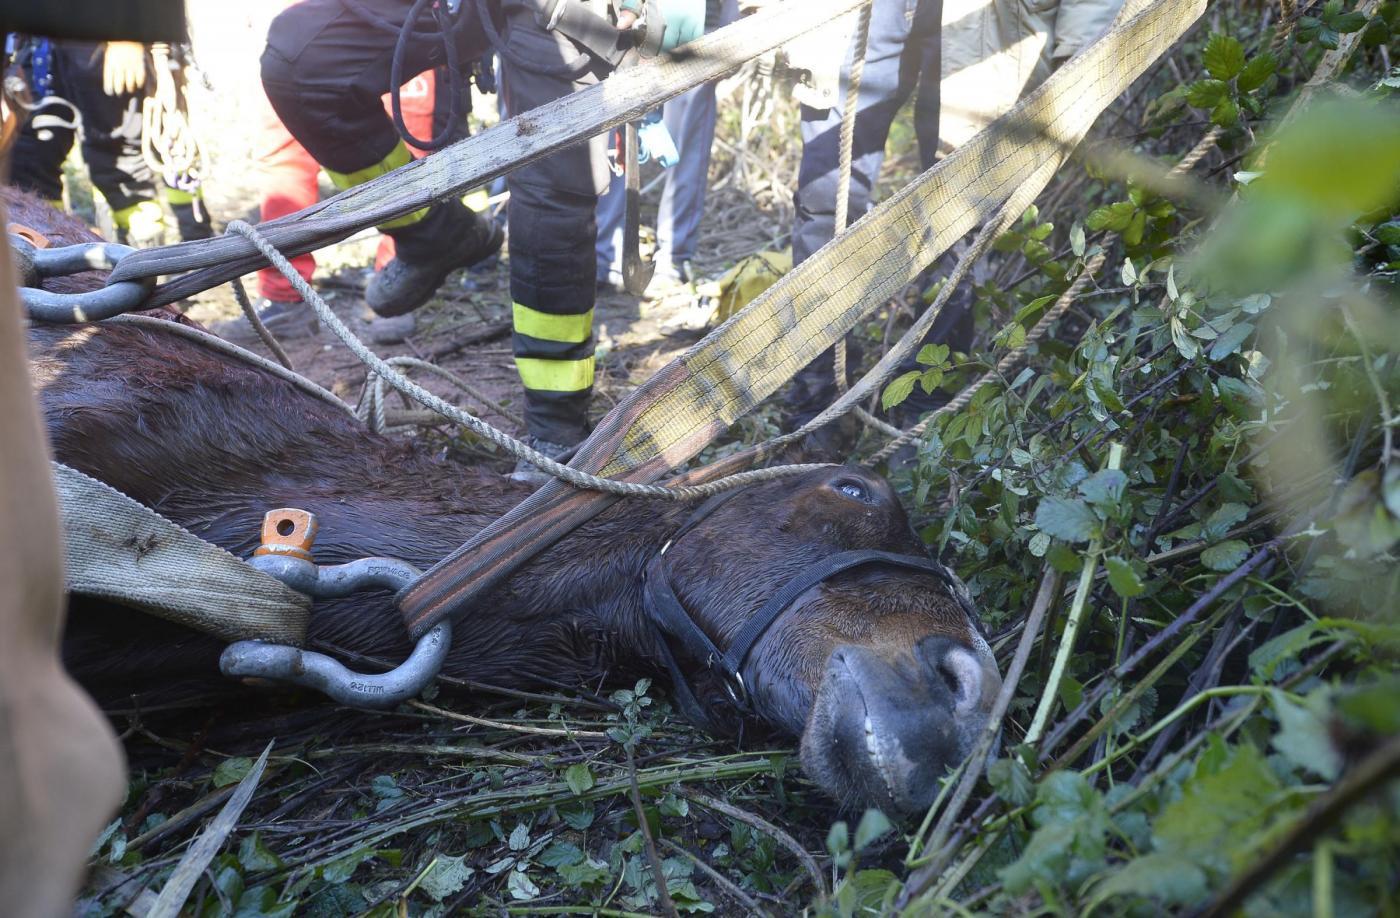 Roma: Salvataggio cavallo nel fiume Aniene10